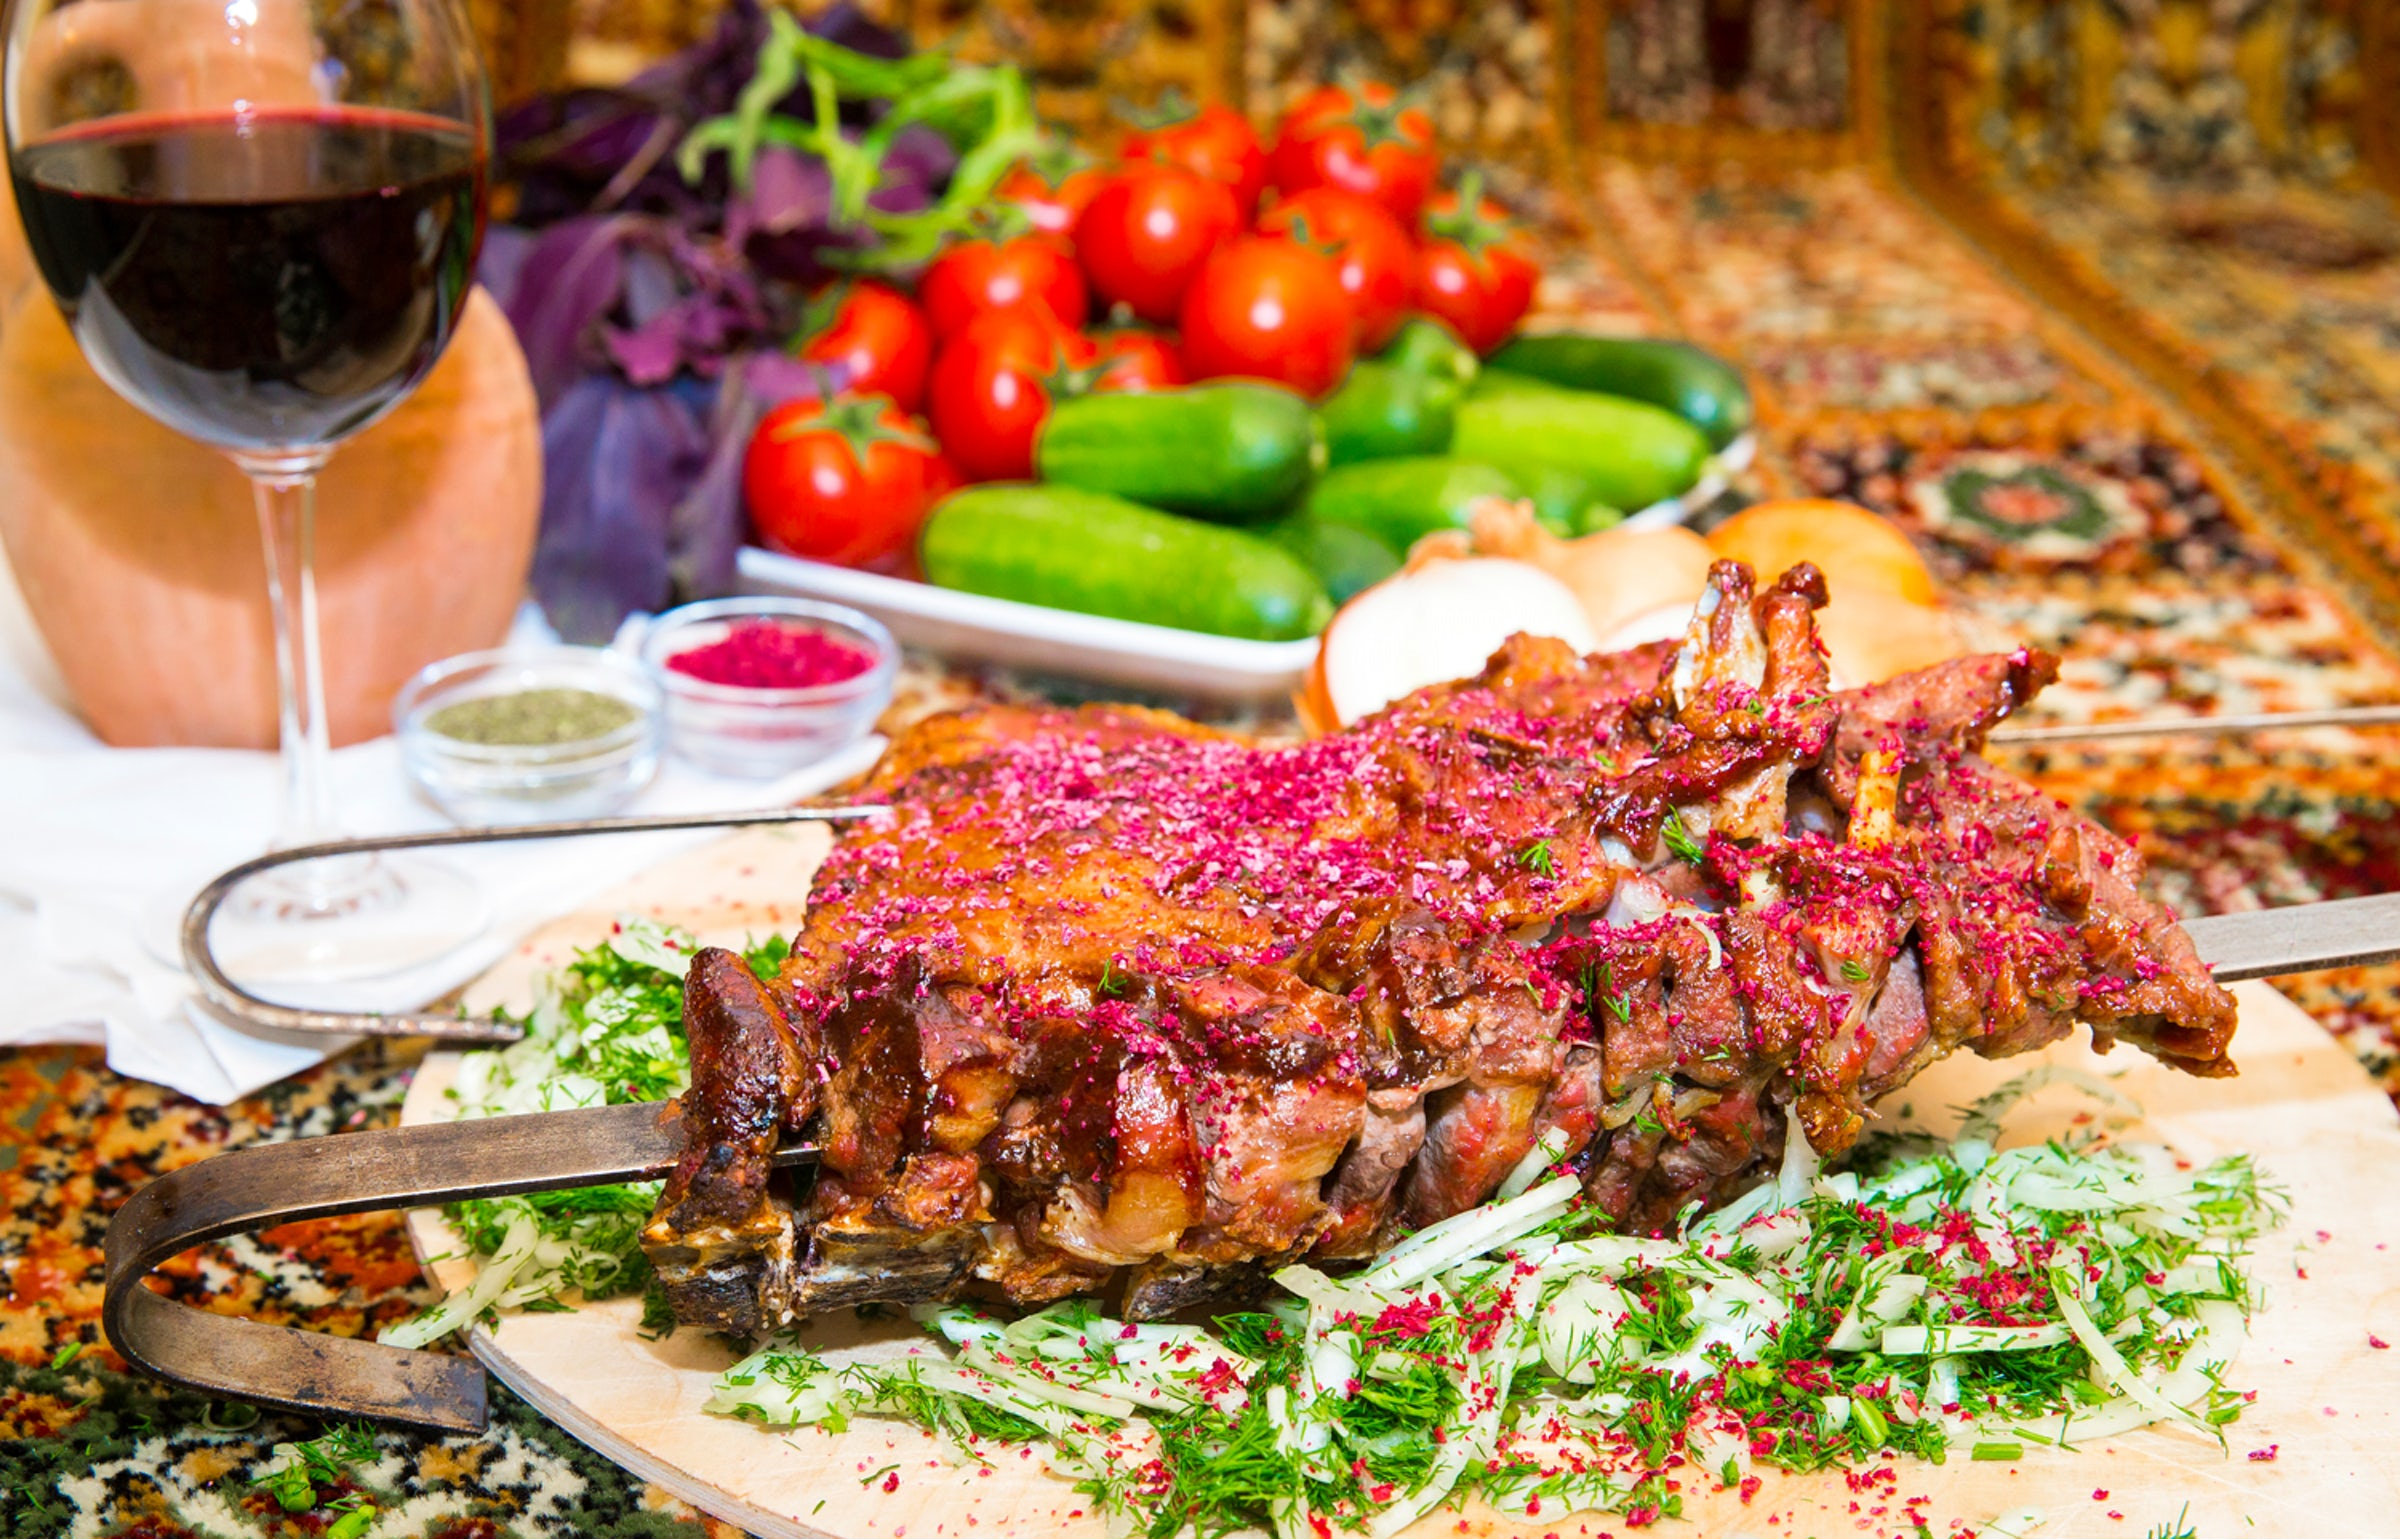 Plov, Kebab and Dolma: the food you must taste in Azerbaijan